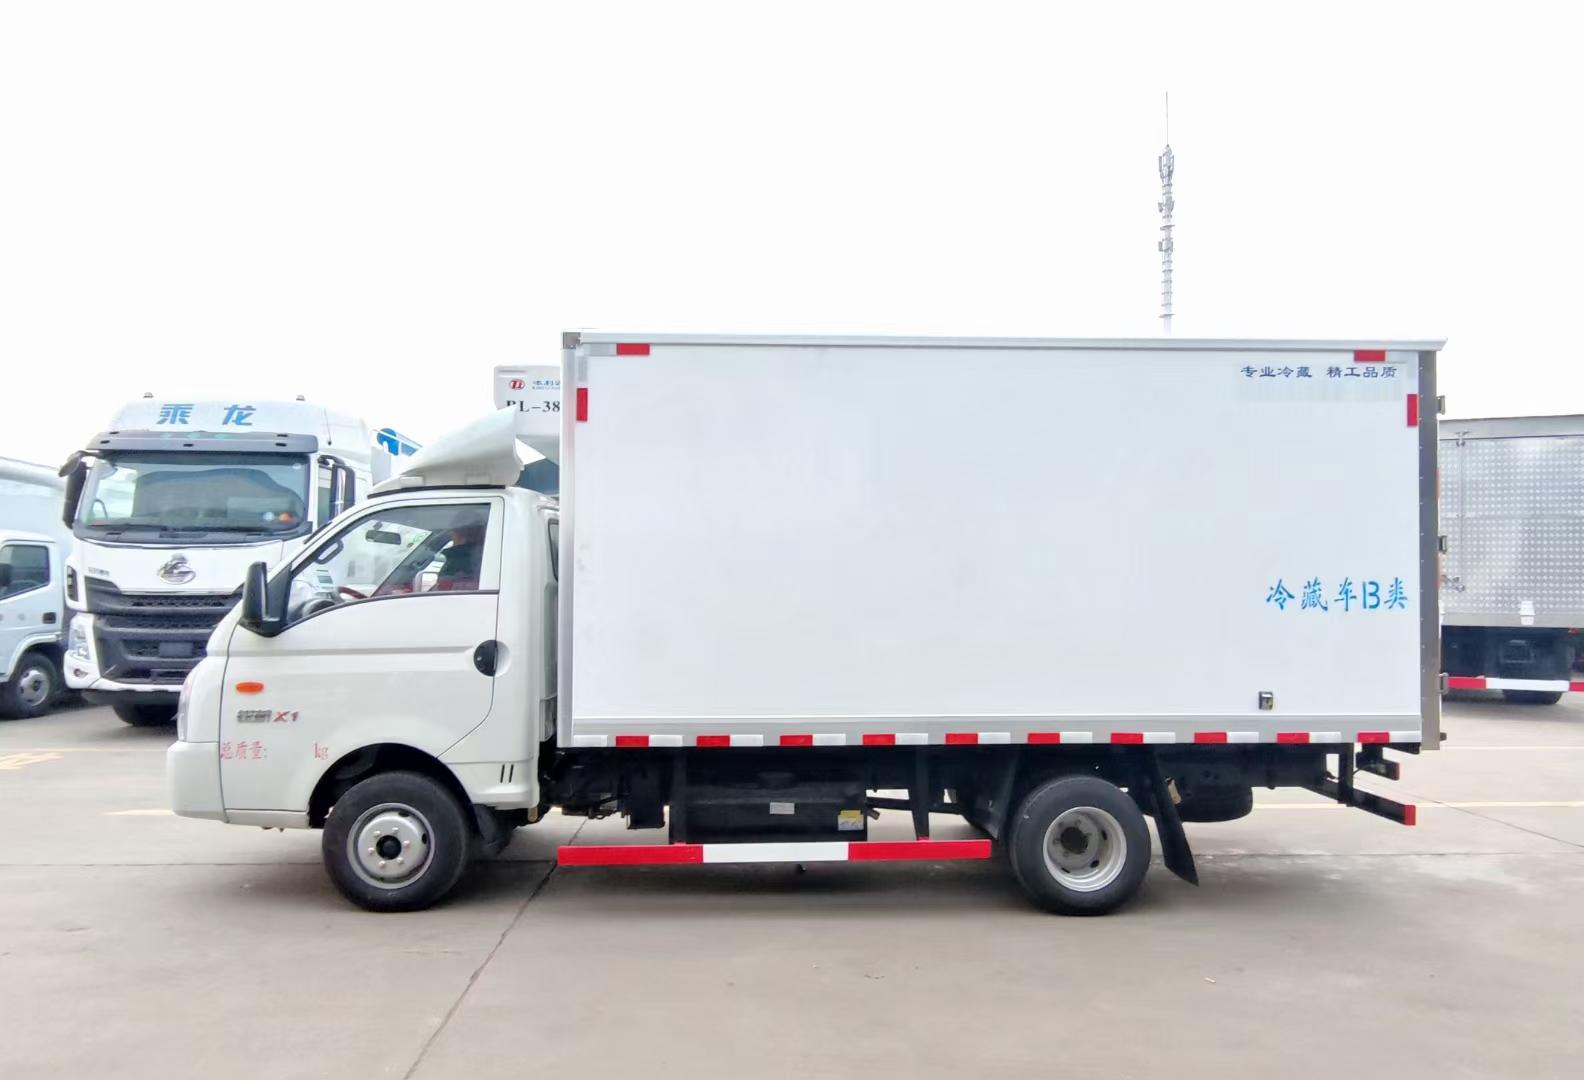 凯马国六汽油蓝牌冷藏车厂家直销,方便灵活穿越大街小巷图片